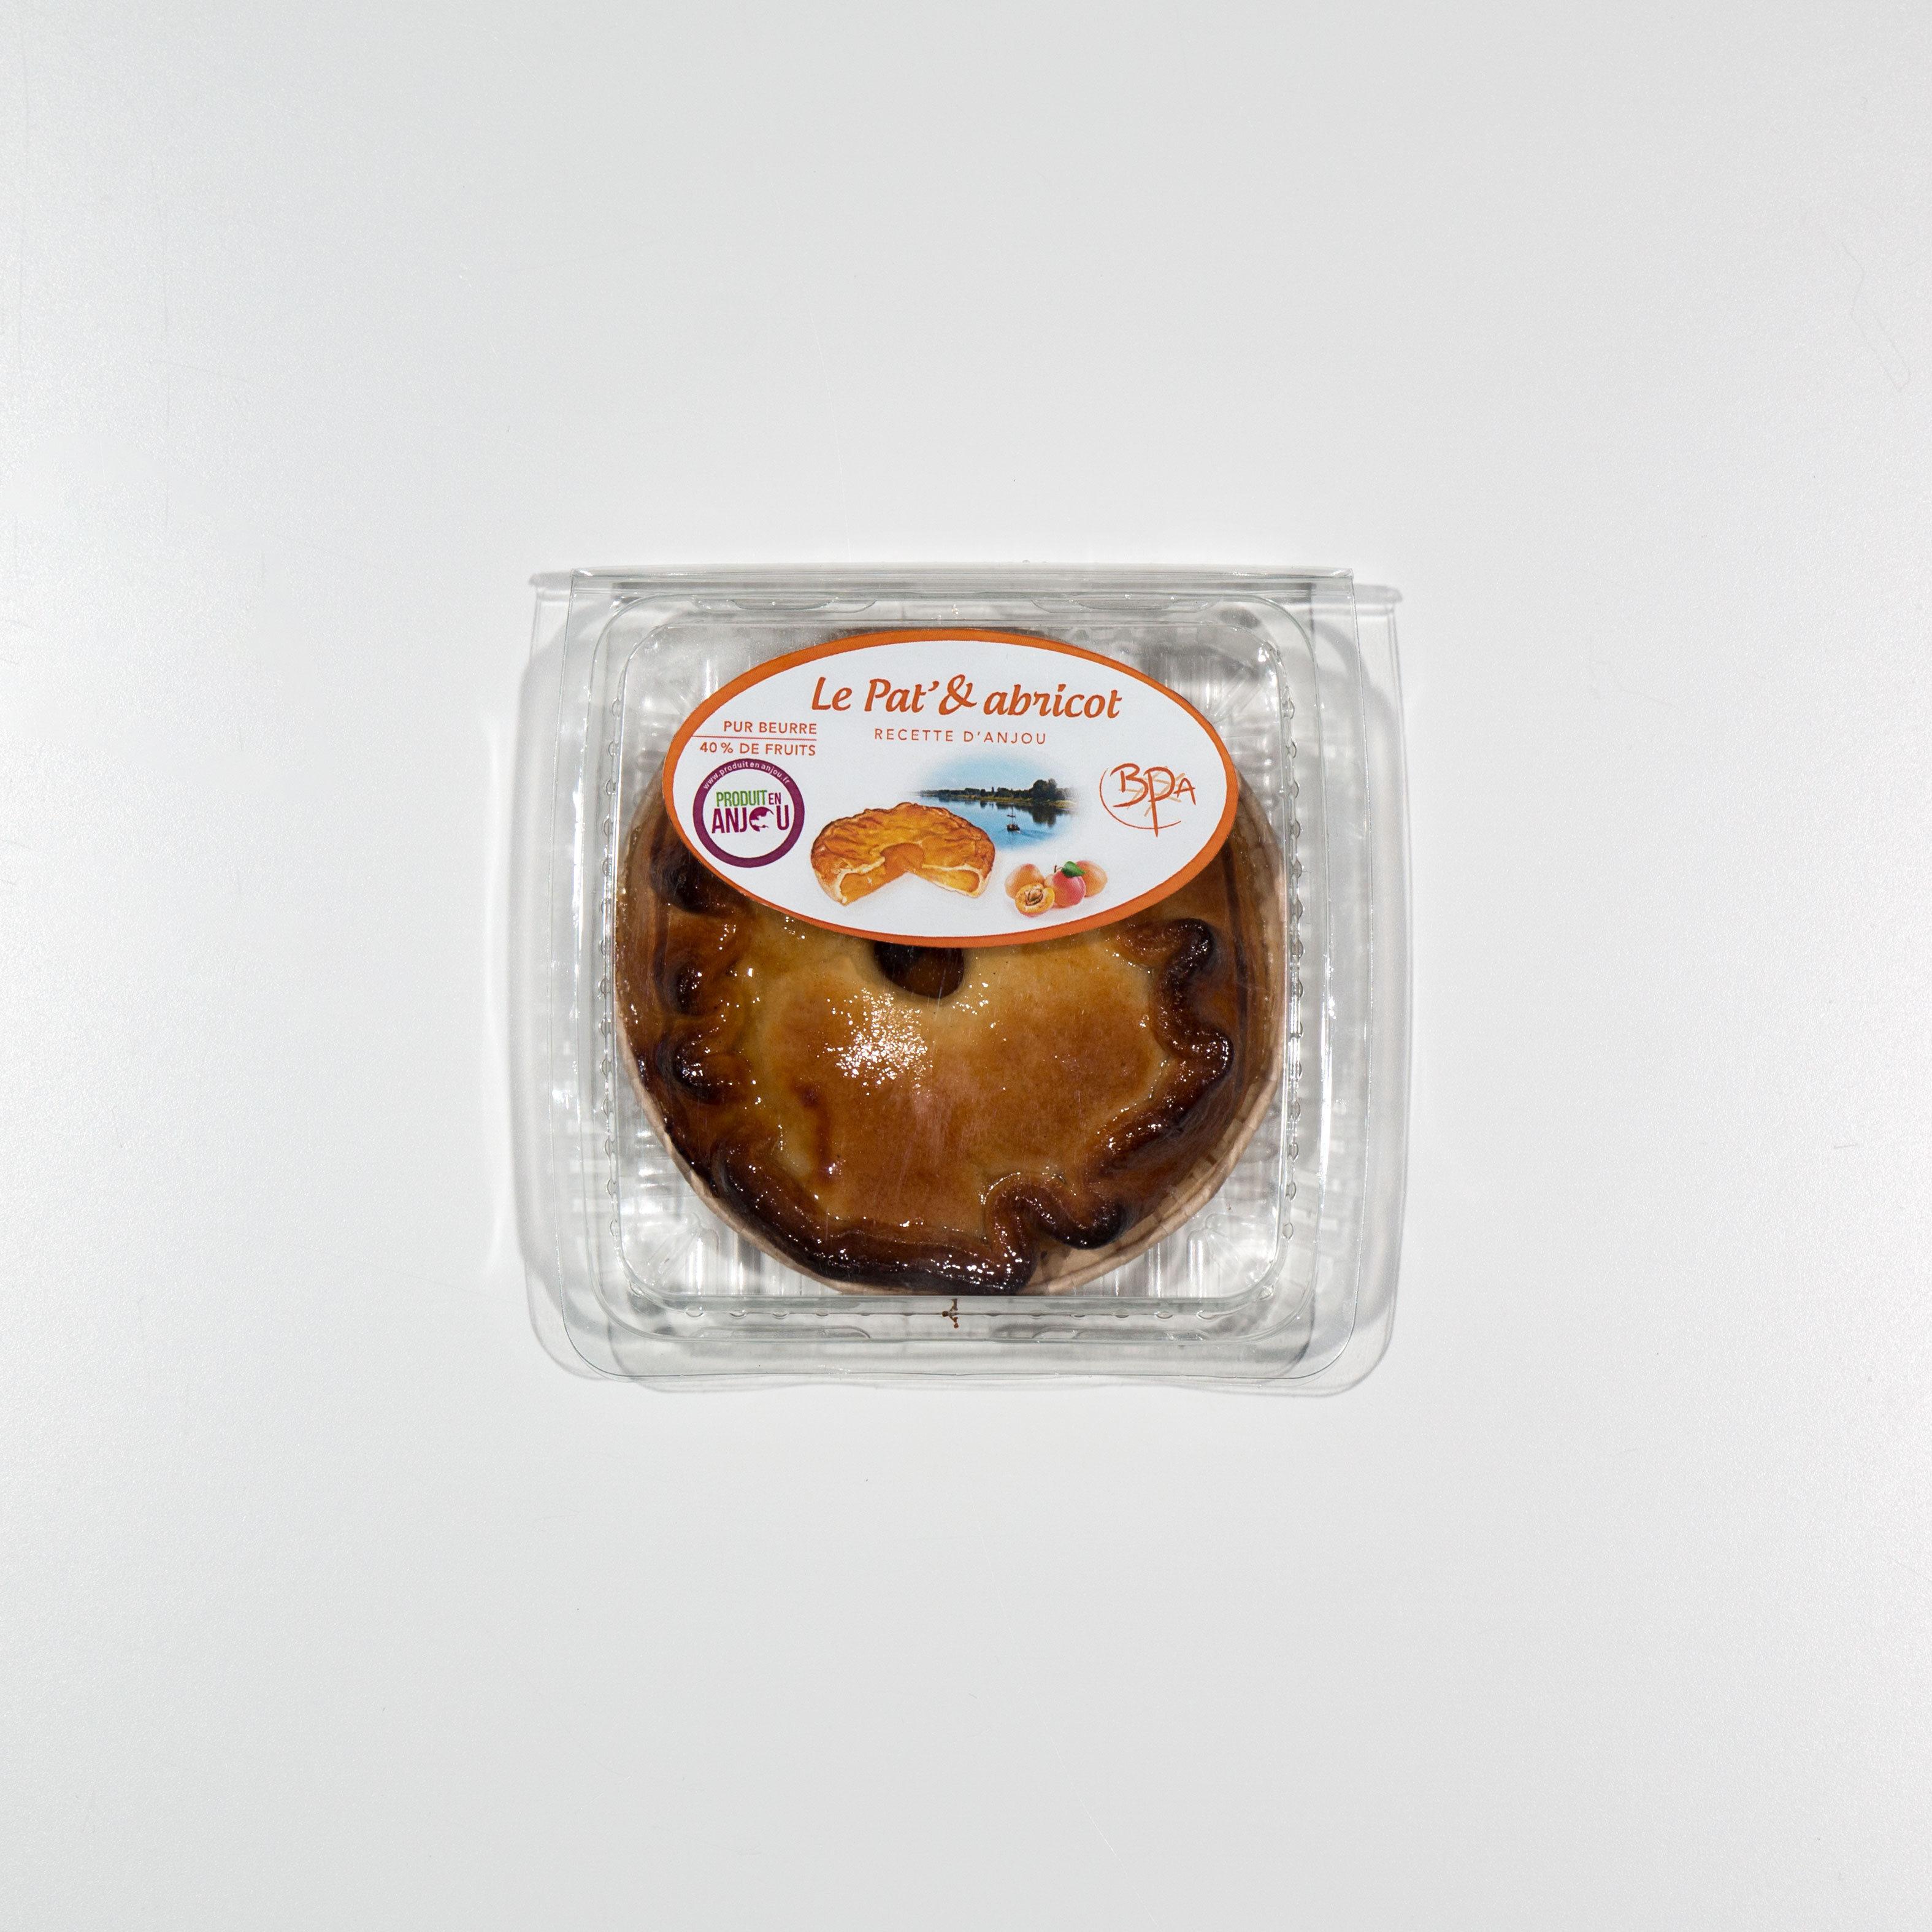 Pâté abricots individuel 160g - Produit - fr